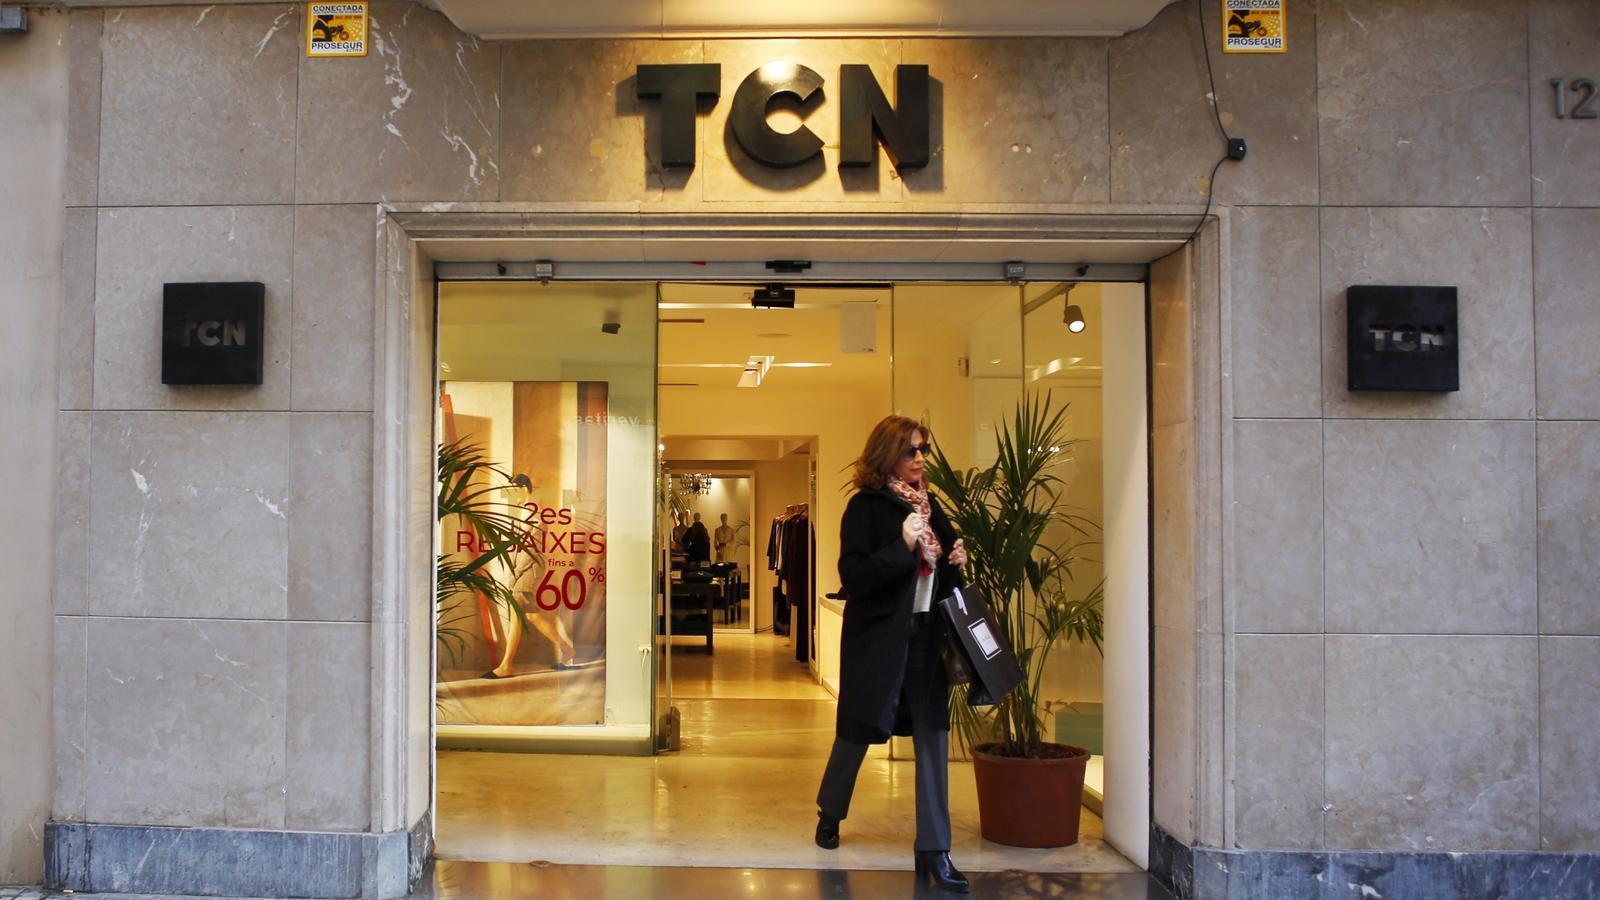 El grup TCN troba comprador i evita 'in extremis' la liquidació